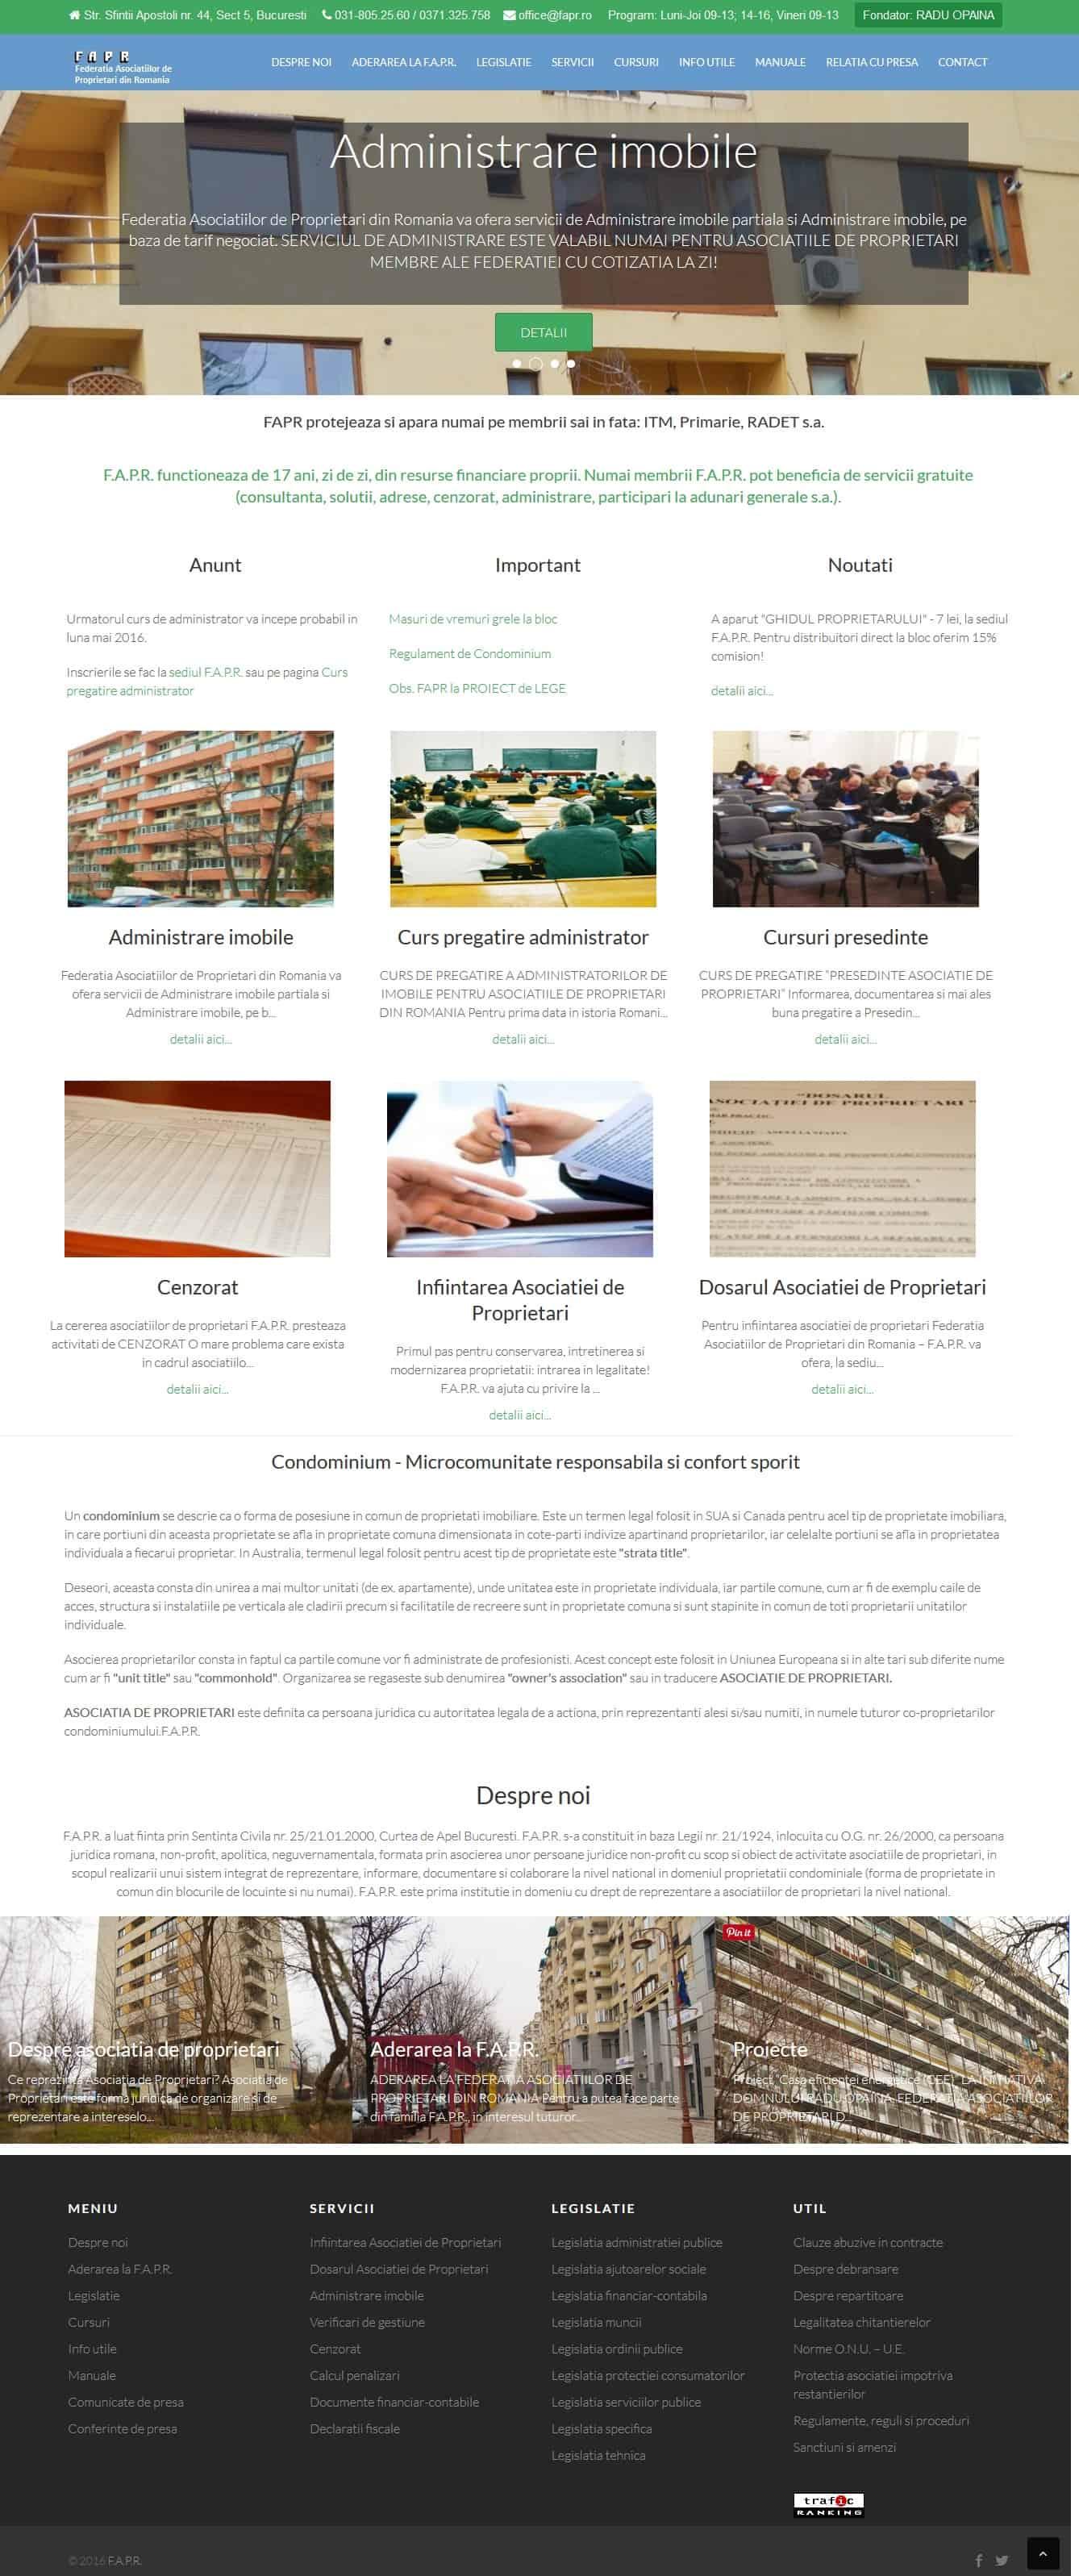 fapr, Federatia Asociatiilor de Proprietari din Romania, fapr.ro